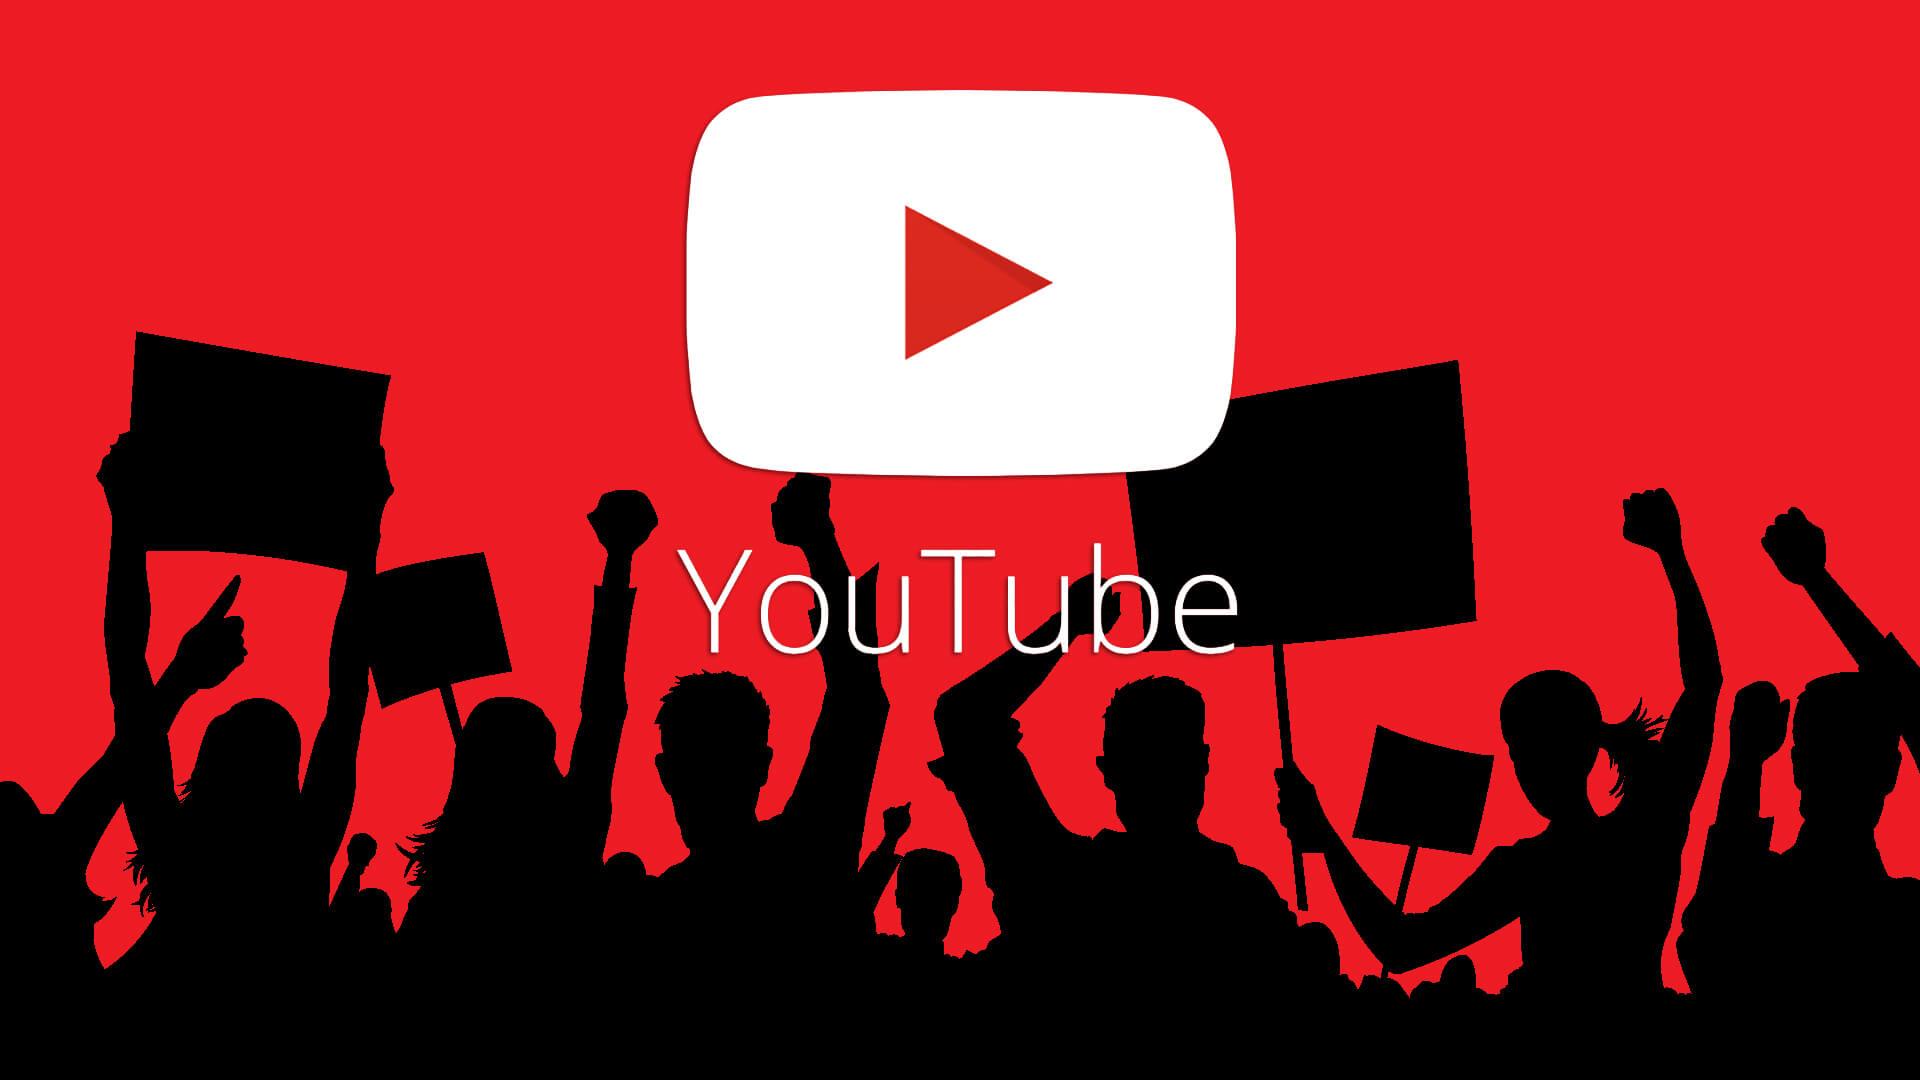 Глава ассоциации телерадиовещателей допустил закрытие YouTube вРоссии